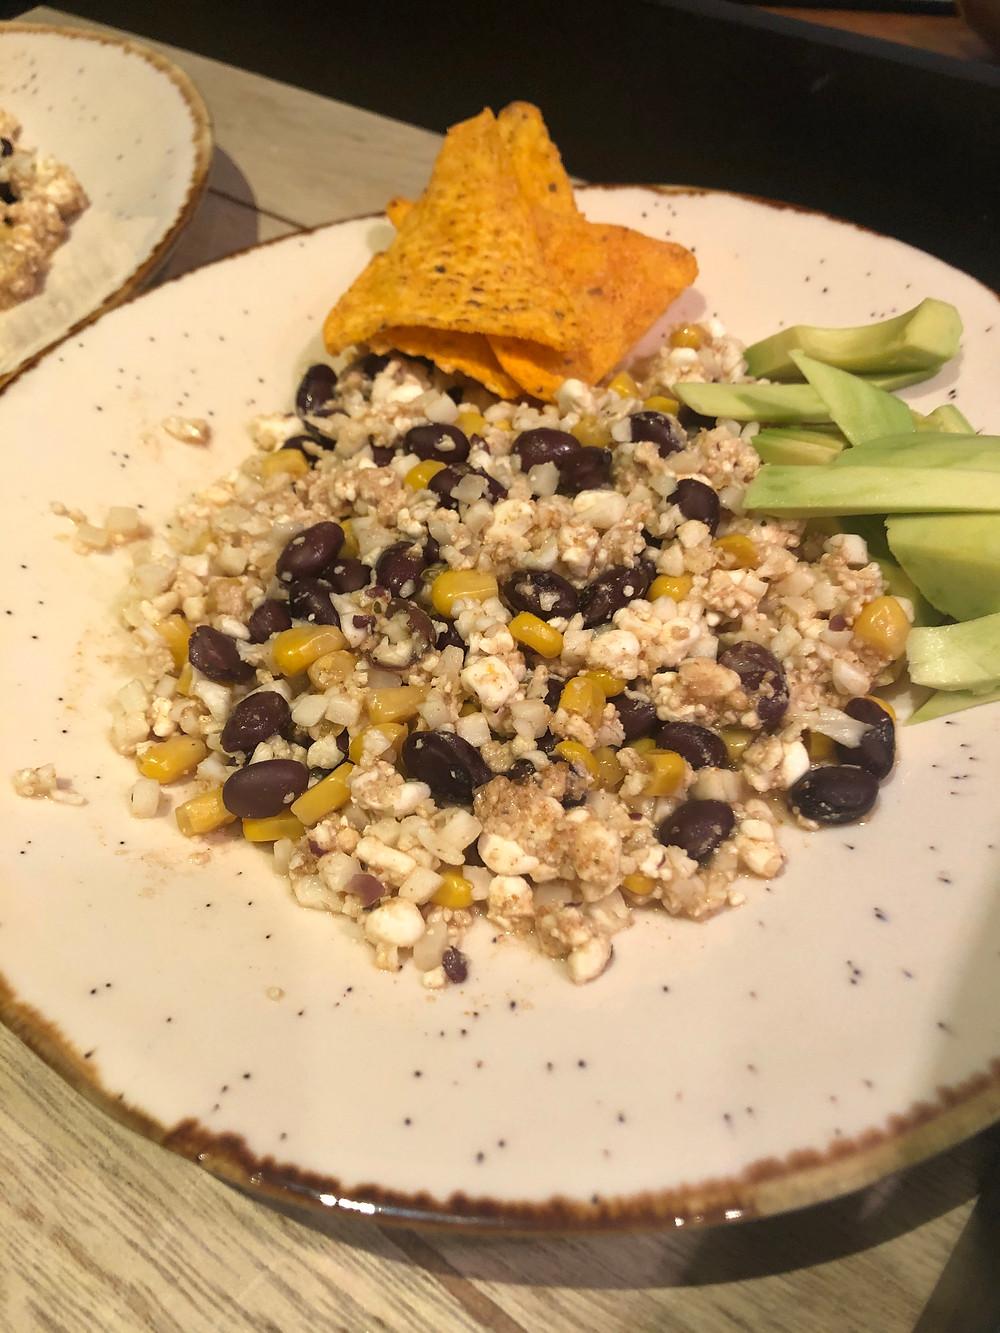 Vegetar taco. Vegetaco med sorte bønner, cottage cheese, blomkål og mais. Servert med nachochips og avocado